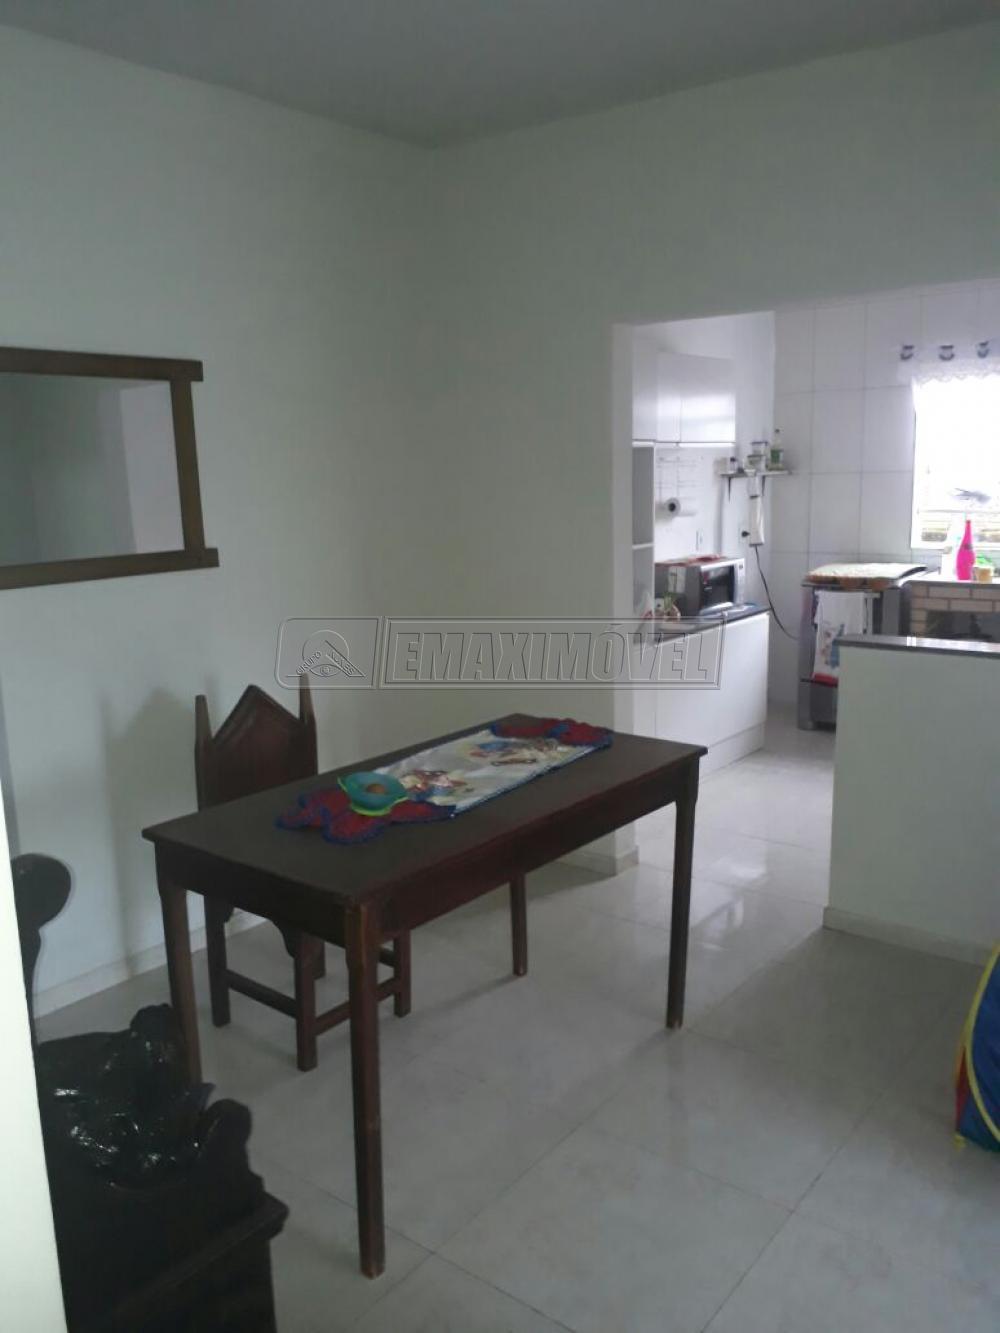 Comprar Casas / em Bairros em Votorantim apenas R$ 198.000,00 - Foto 3